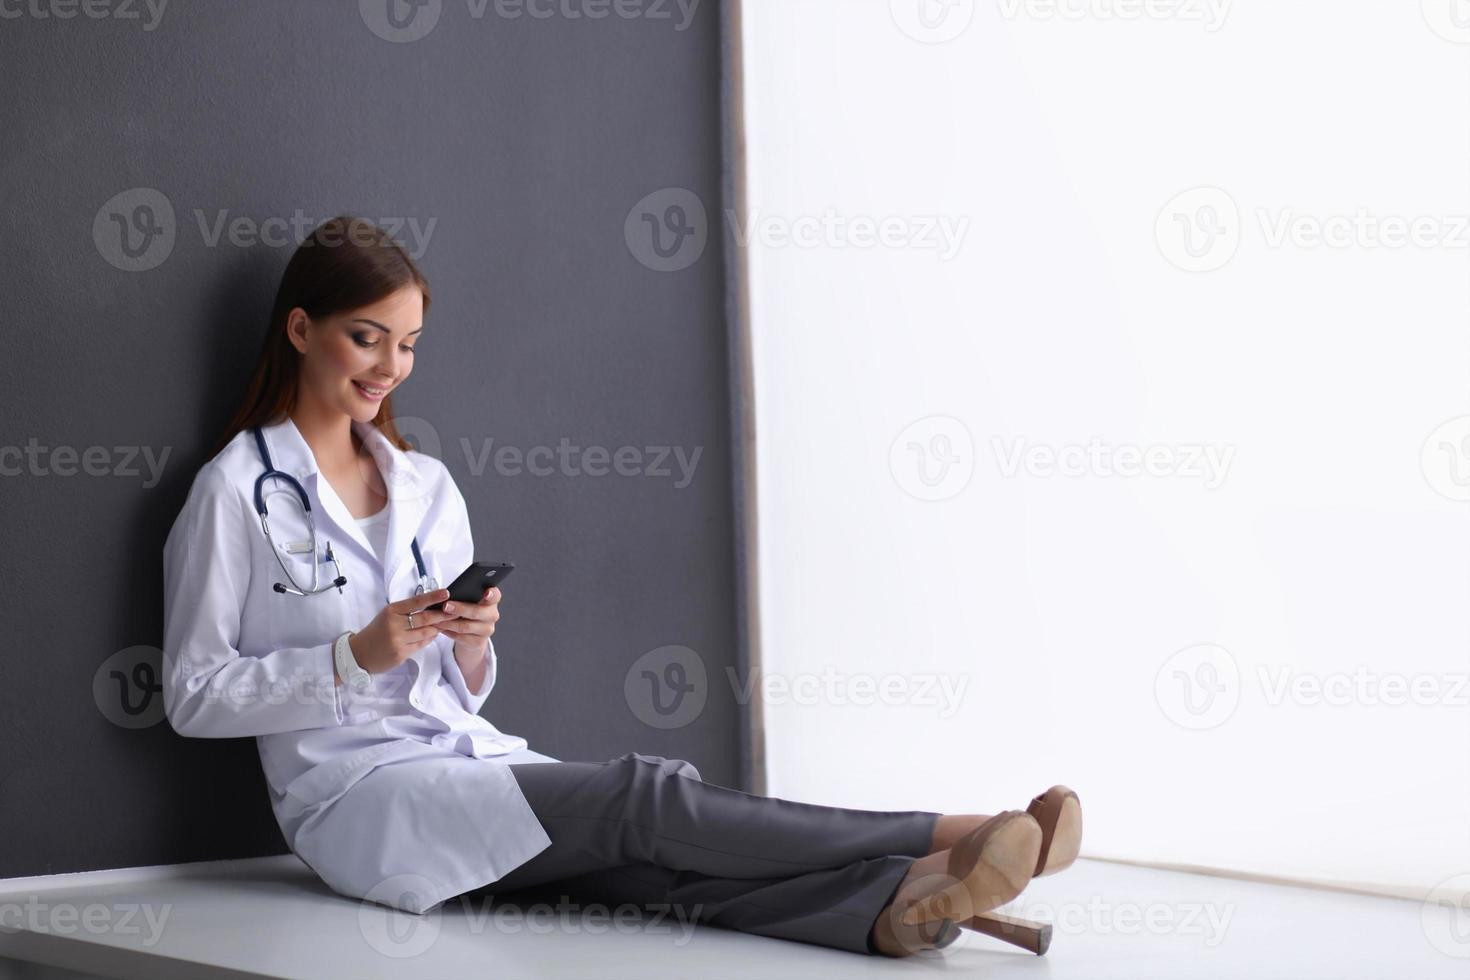 junge Ärztin, die mit Ihrem Telefon auf dem Boden sitzt foto